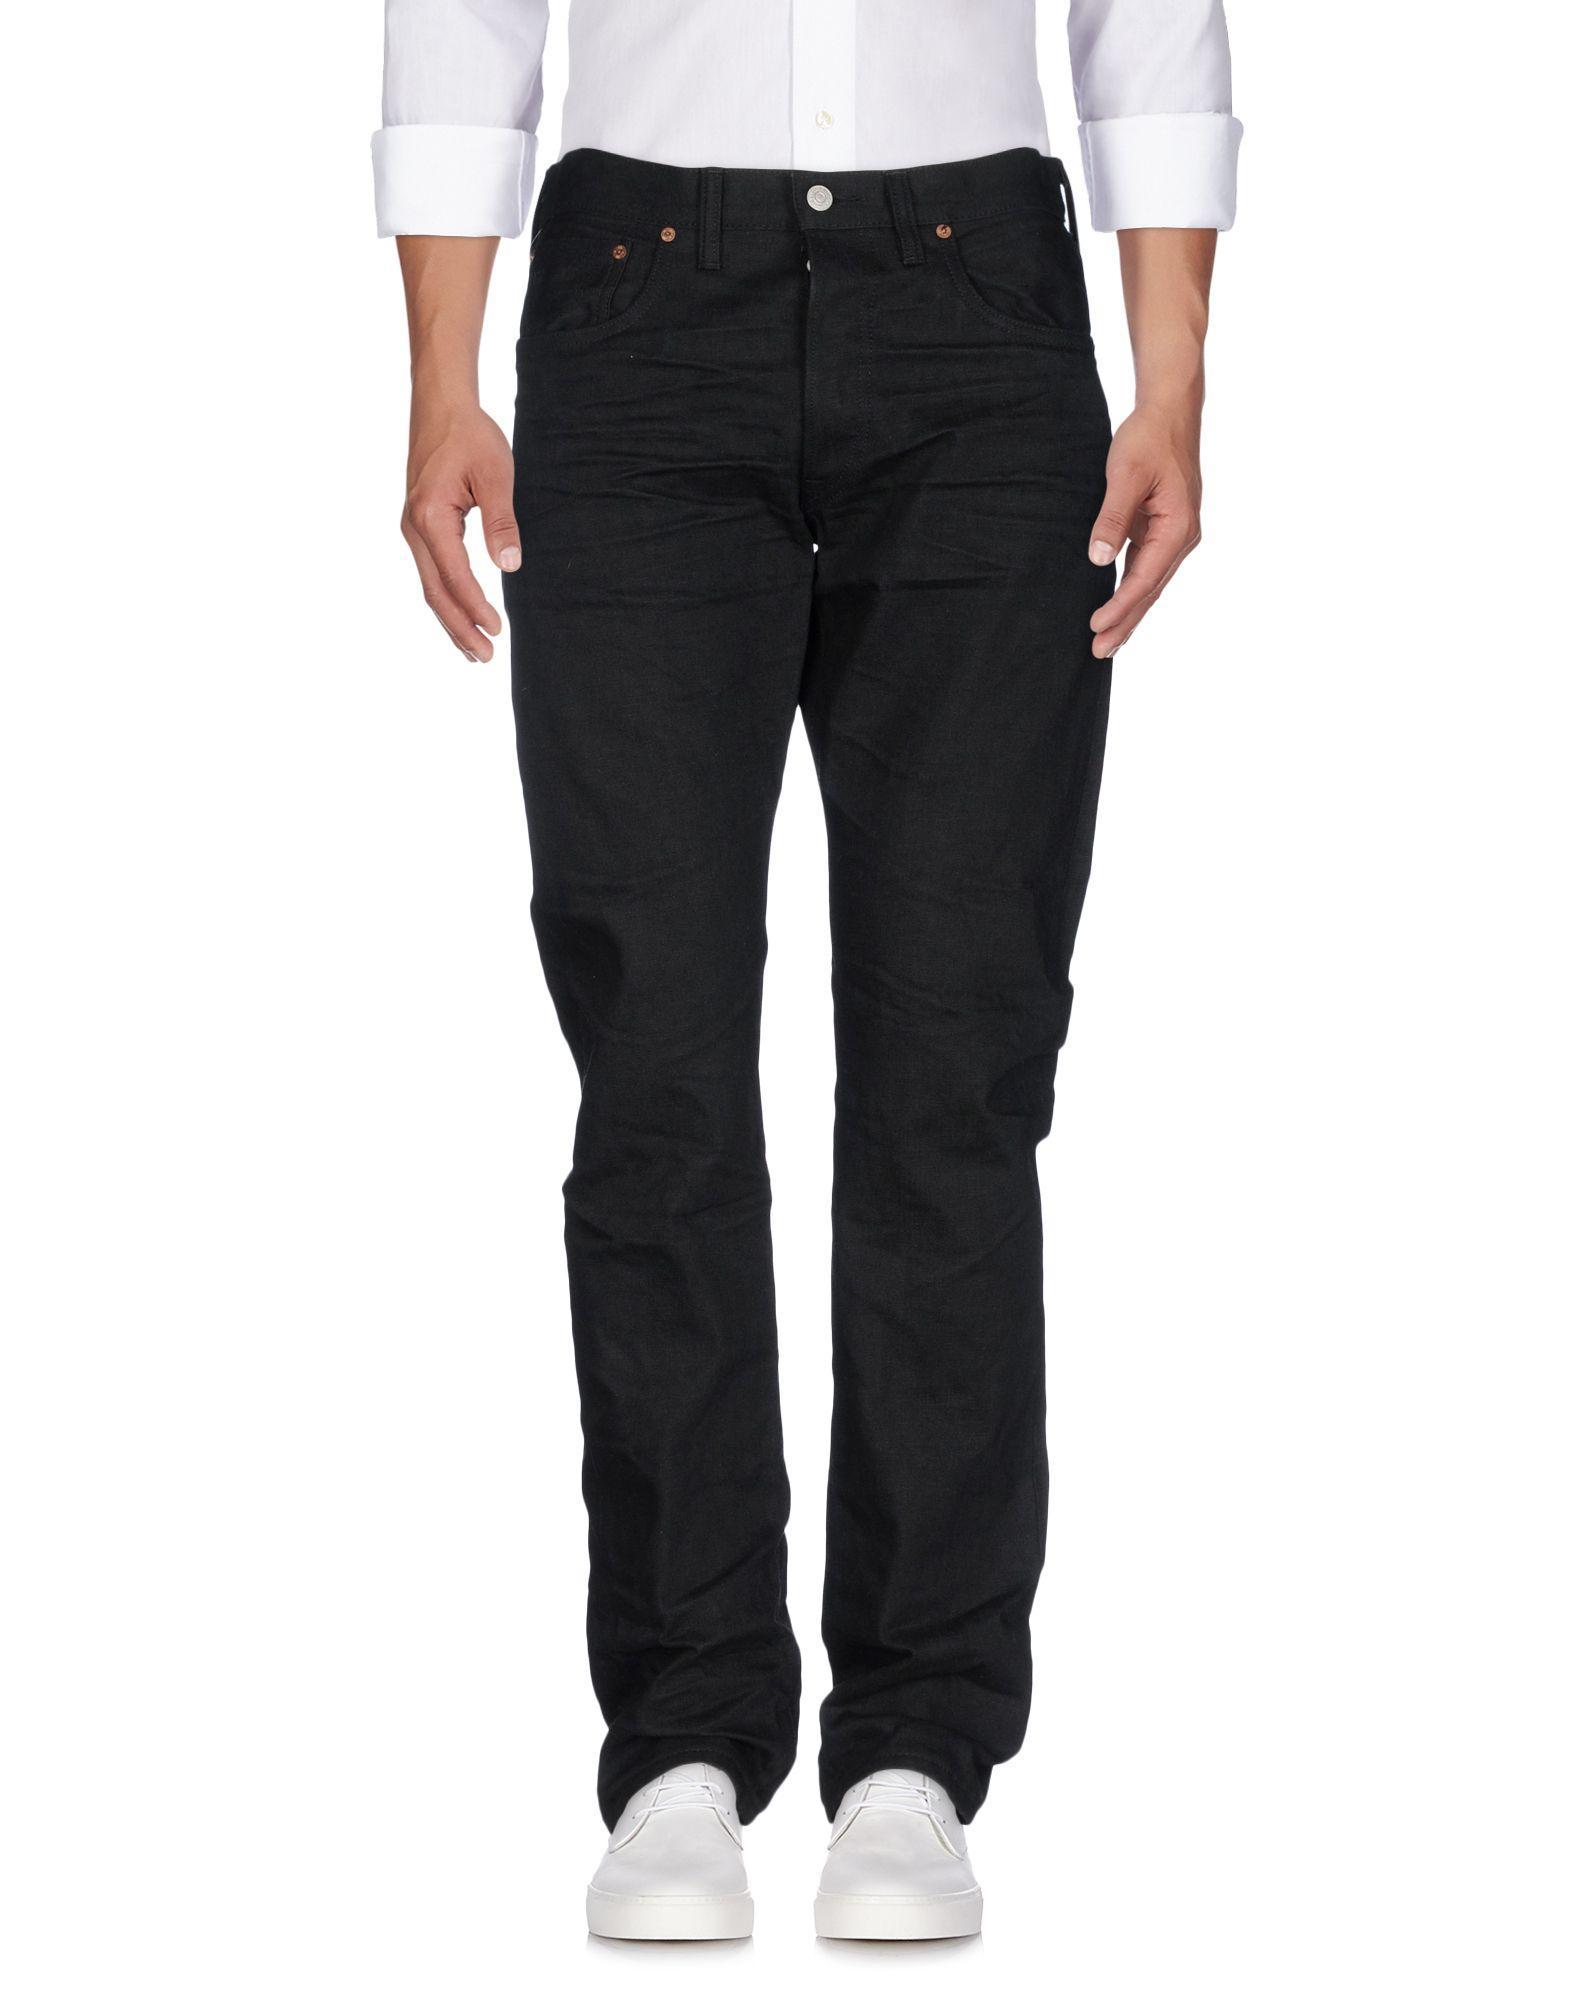 Ralph Lauren Jeans In Black